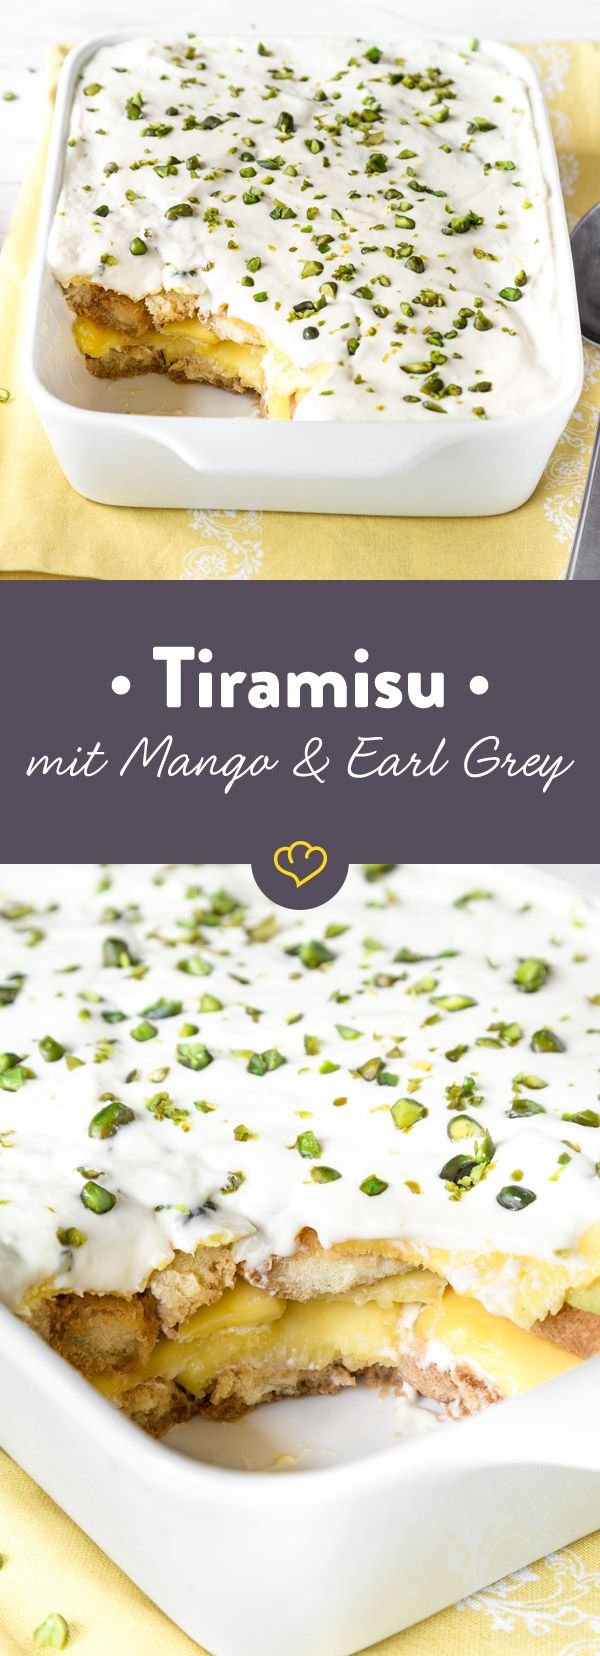 Diese Tiramisu mit Earl Grey und Mango bietet eine köstliche Alternative zum Klassiker mit Espresso und schmeckt dabei noch herrlich fruchtig!